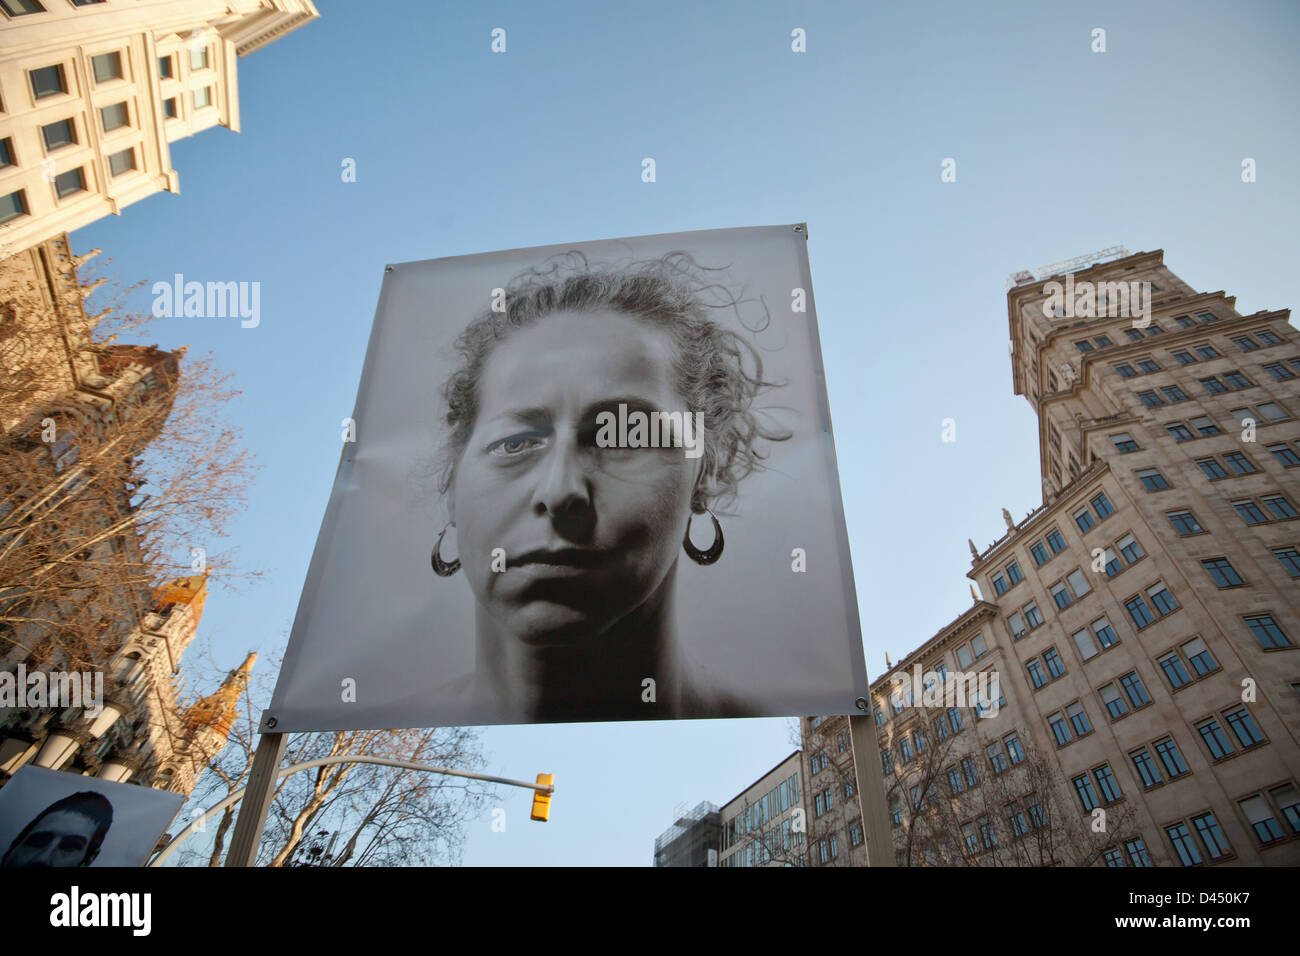 Cartel de la columna antirepresiva de la manifestación del 23F celebrada en Barcelona - Stock Image